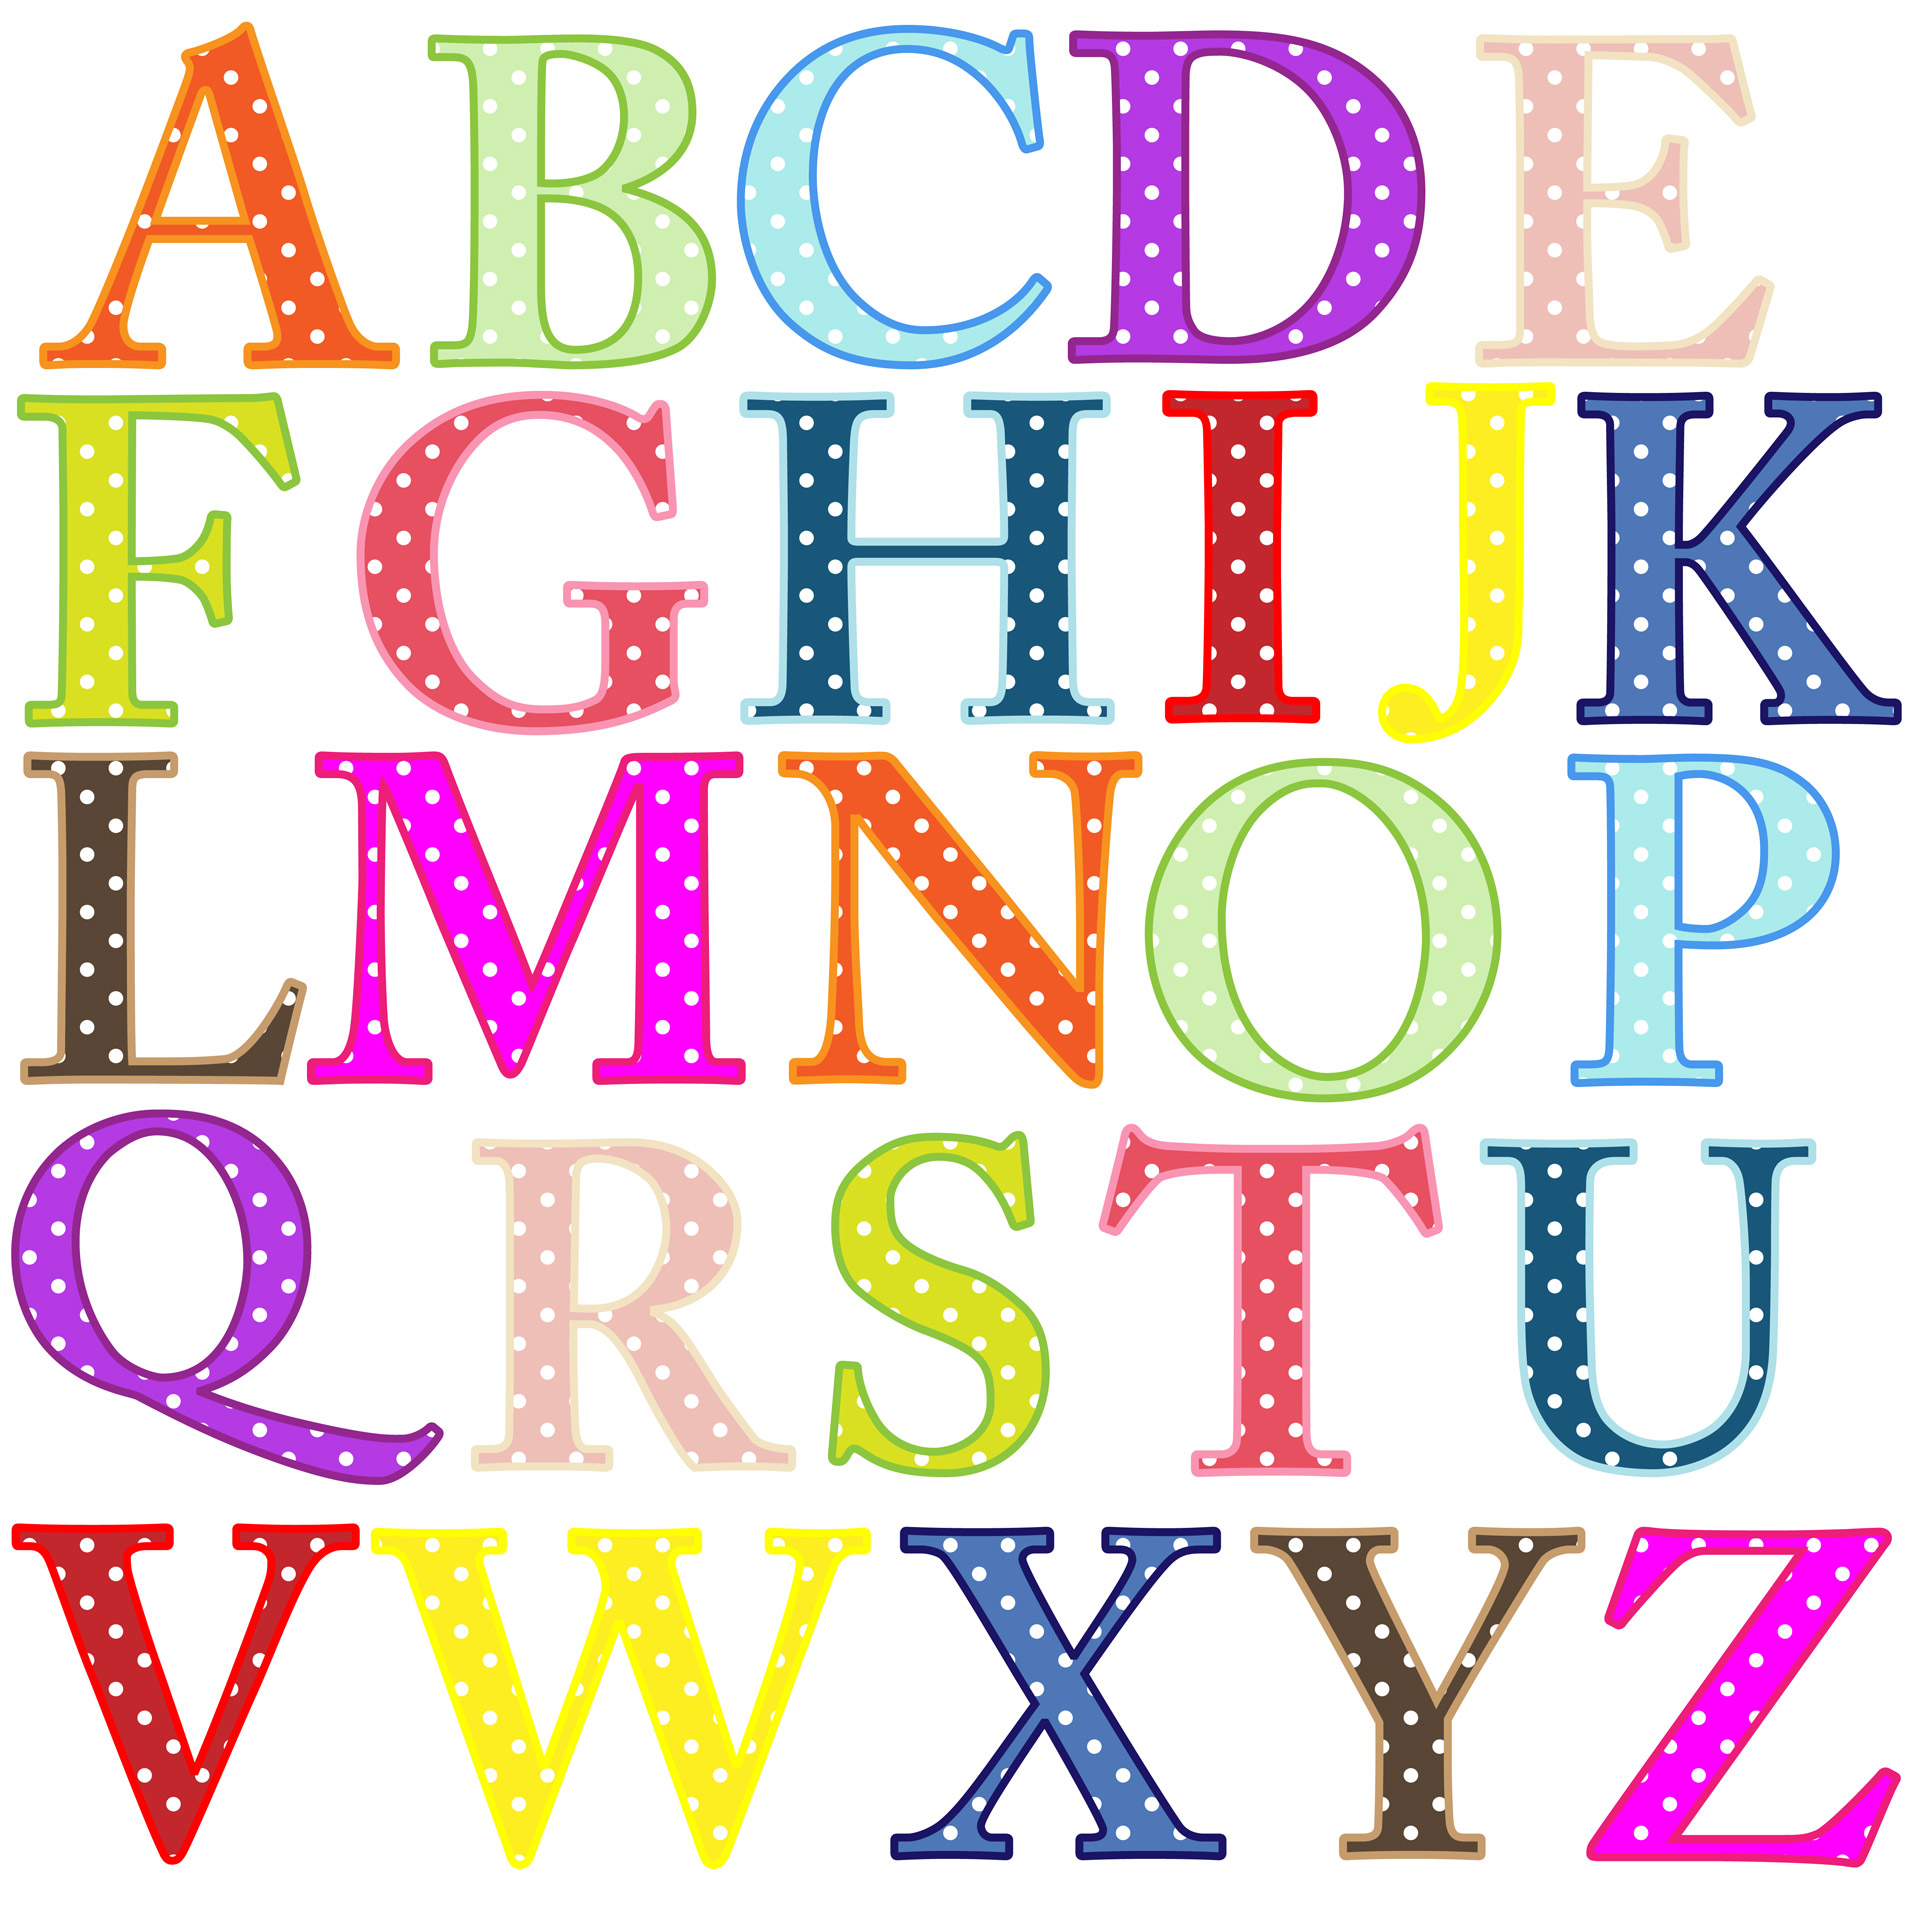 Alphabet Letters Clip-art-Alphabet Letters Clip-art-7